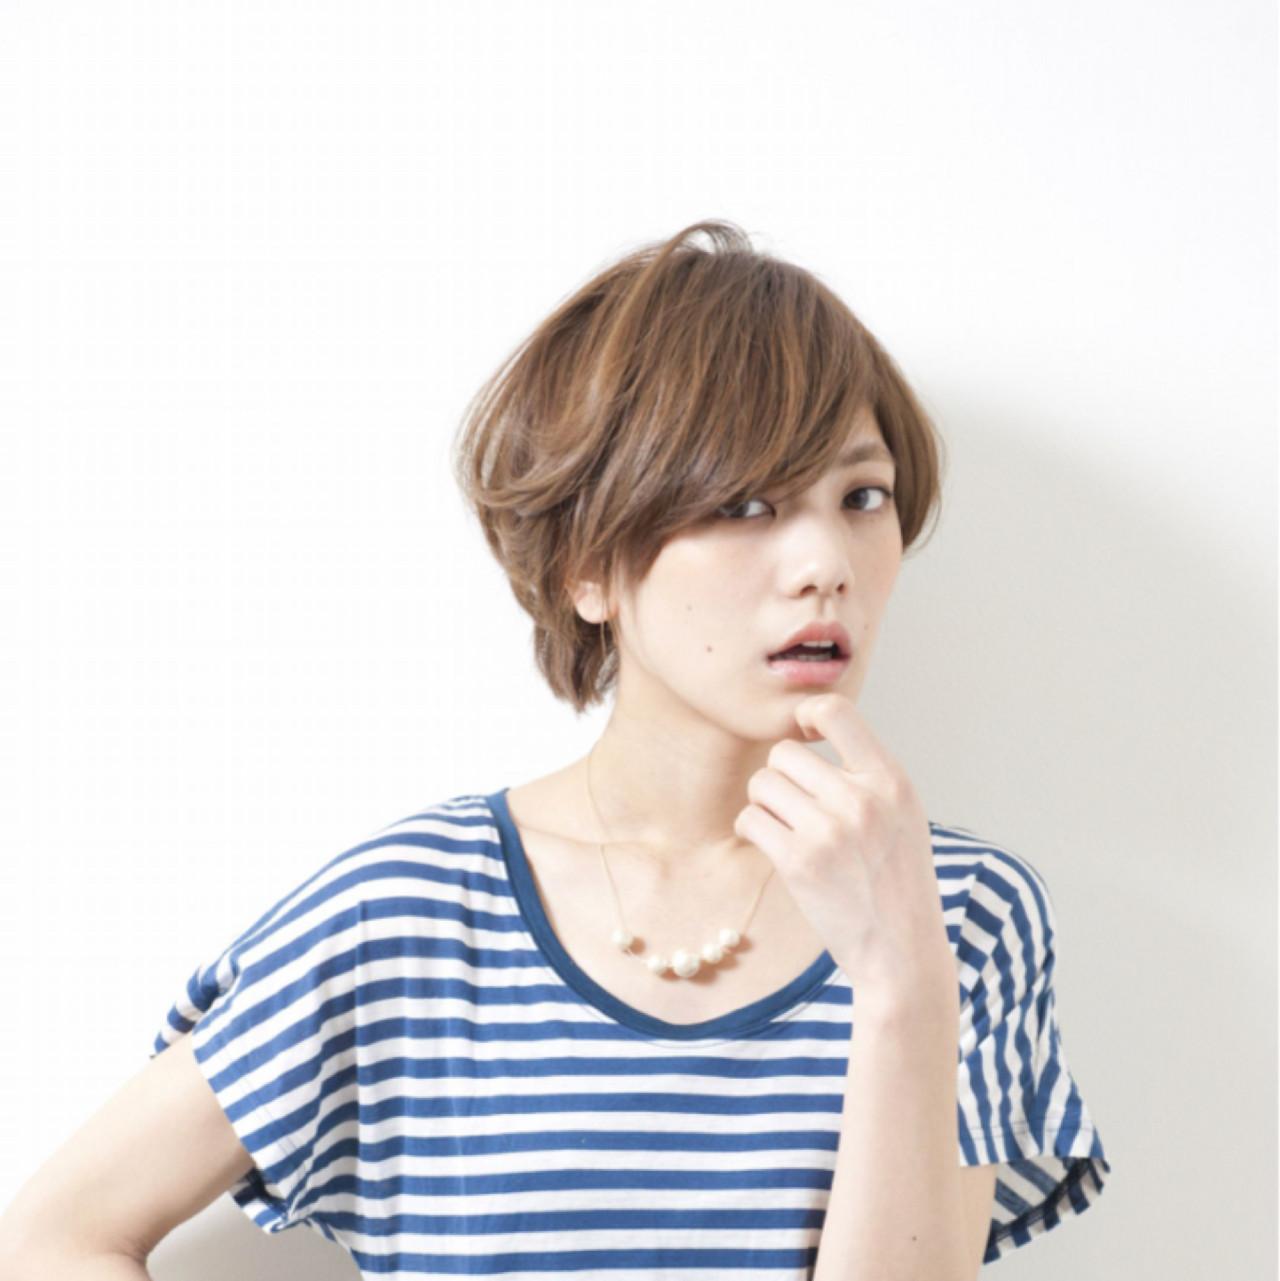 小顔 アッシュ ショート ナチュラル ヘアスタイルや髪型の写真・画像